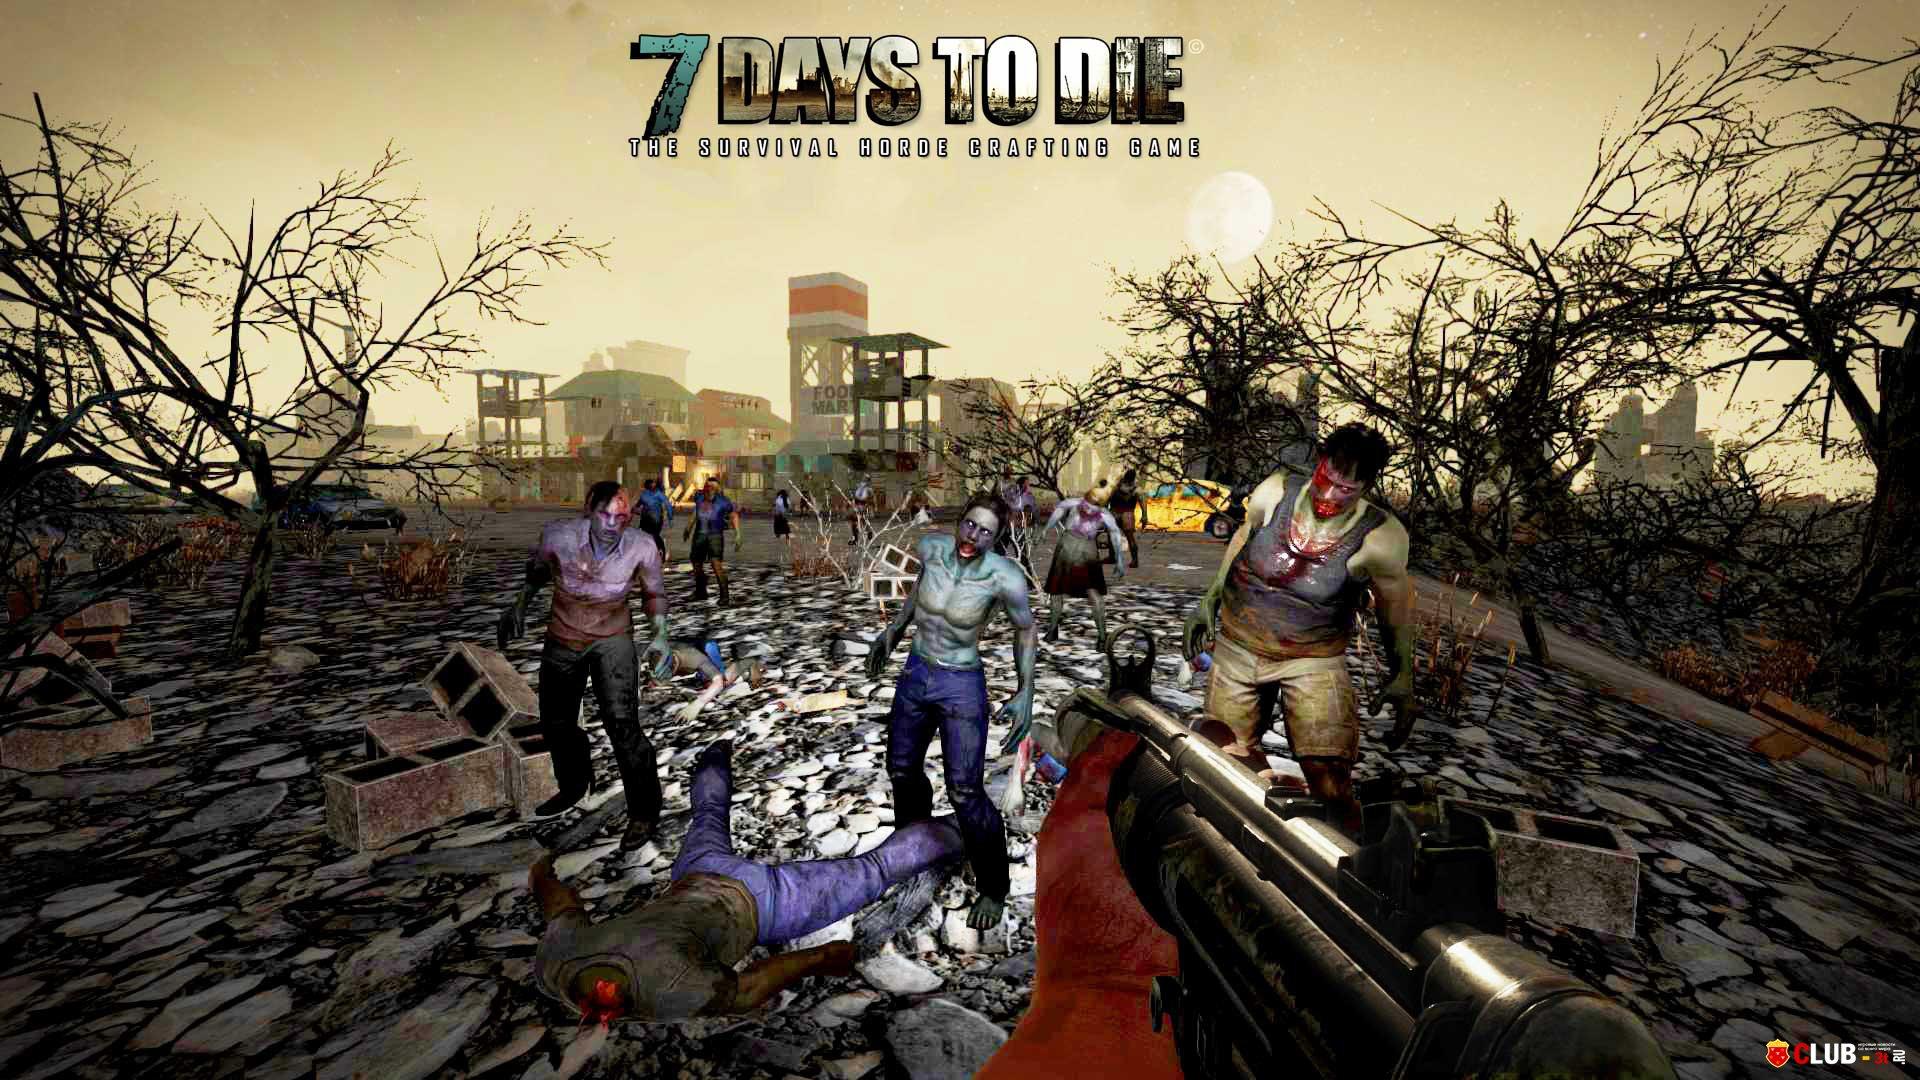 7 days to die trainer